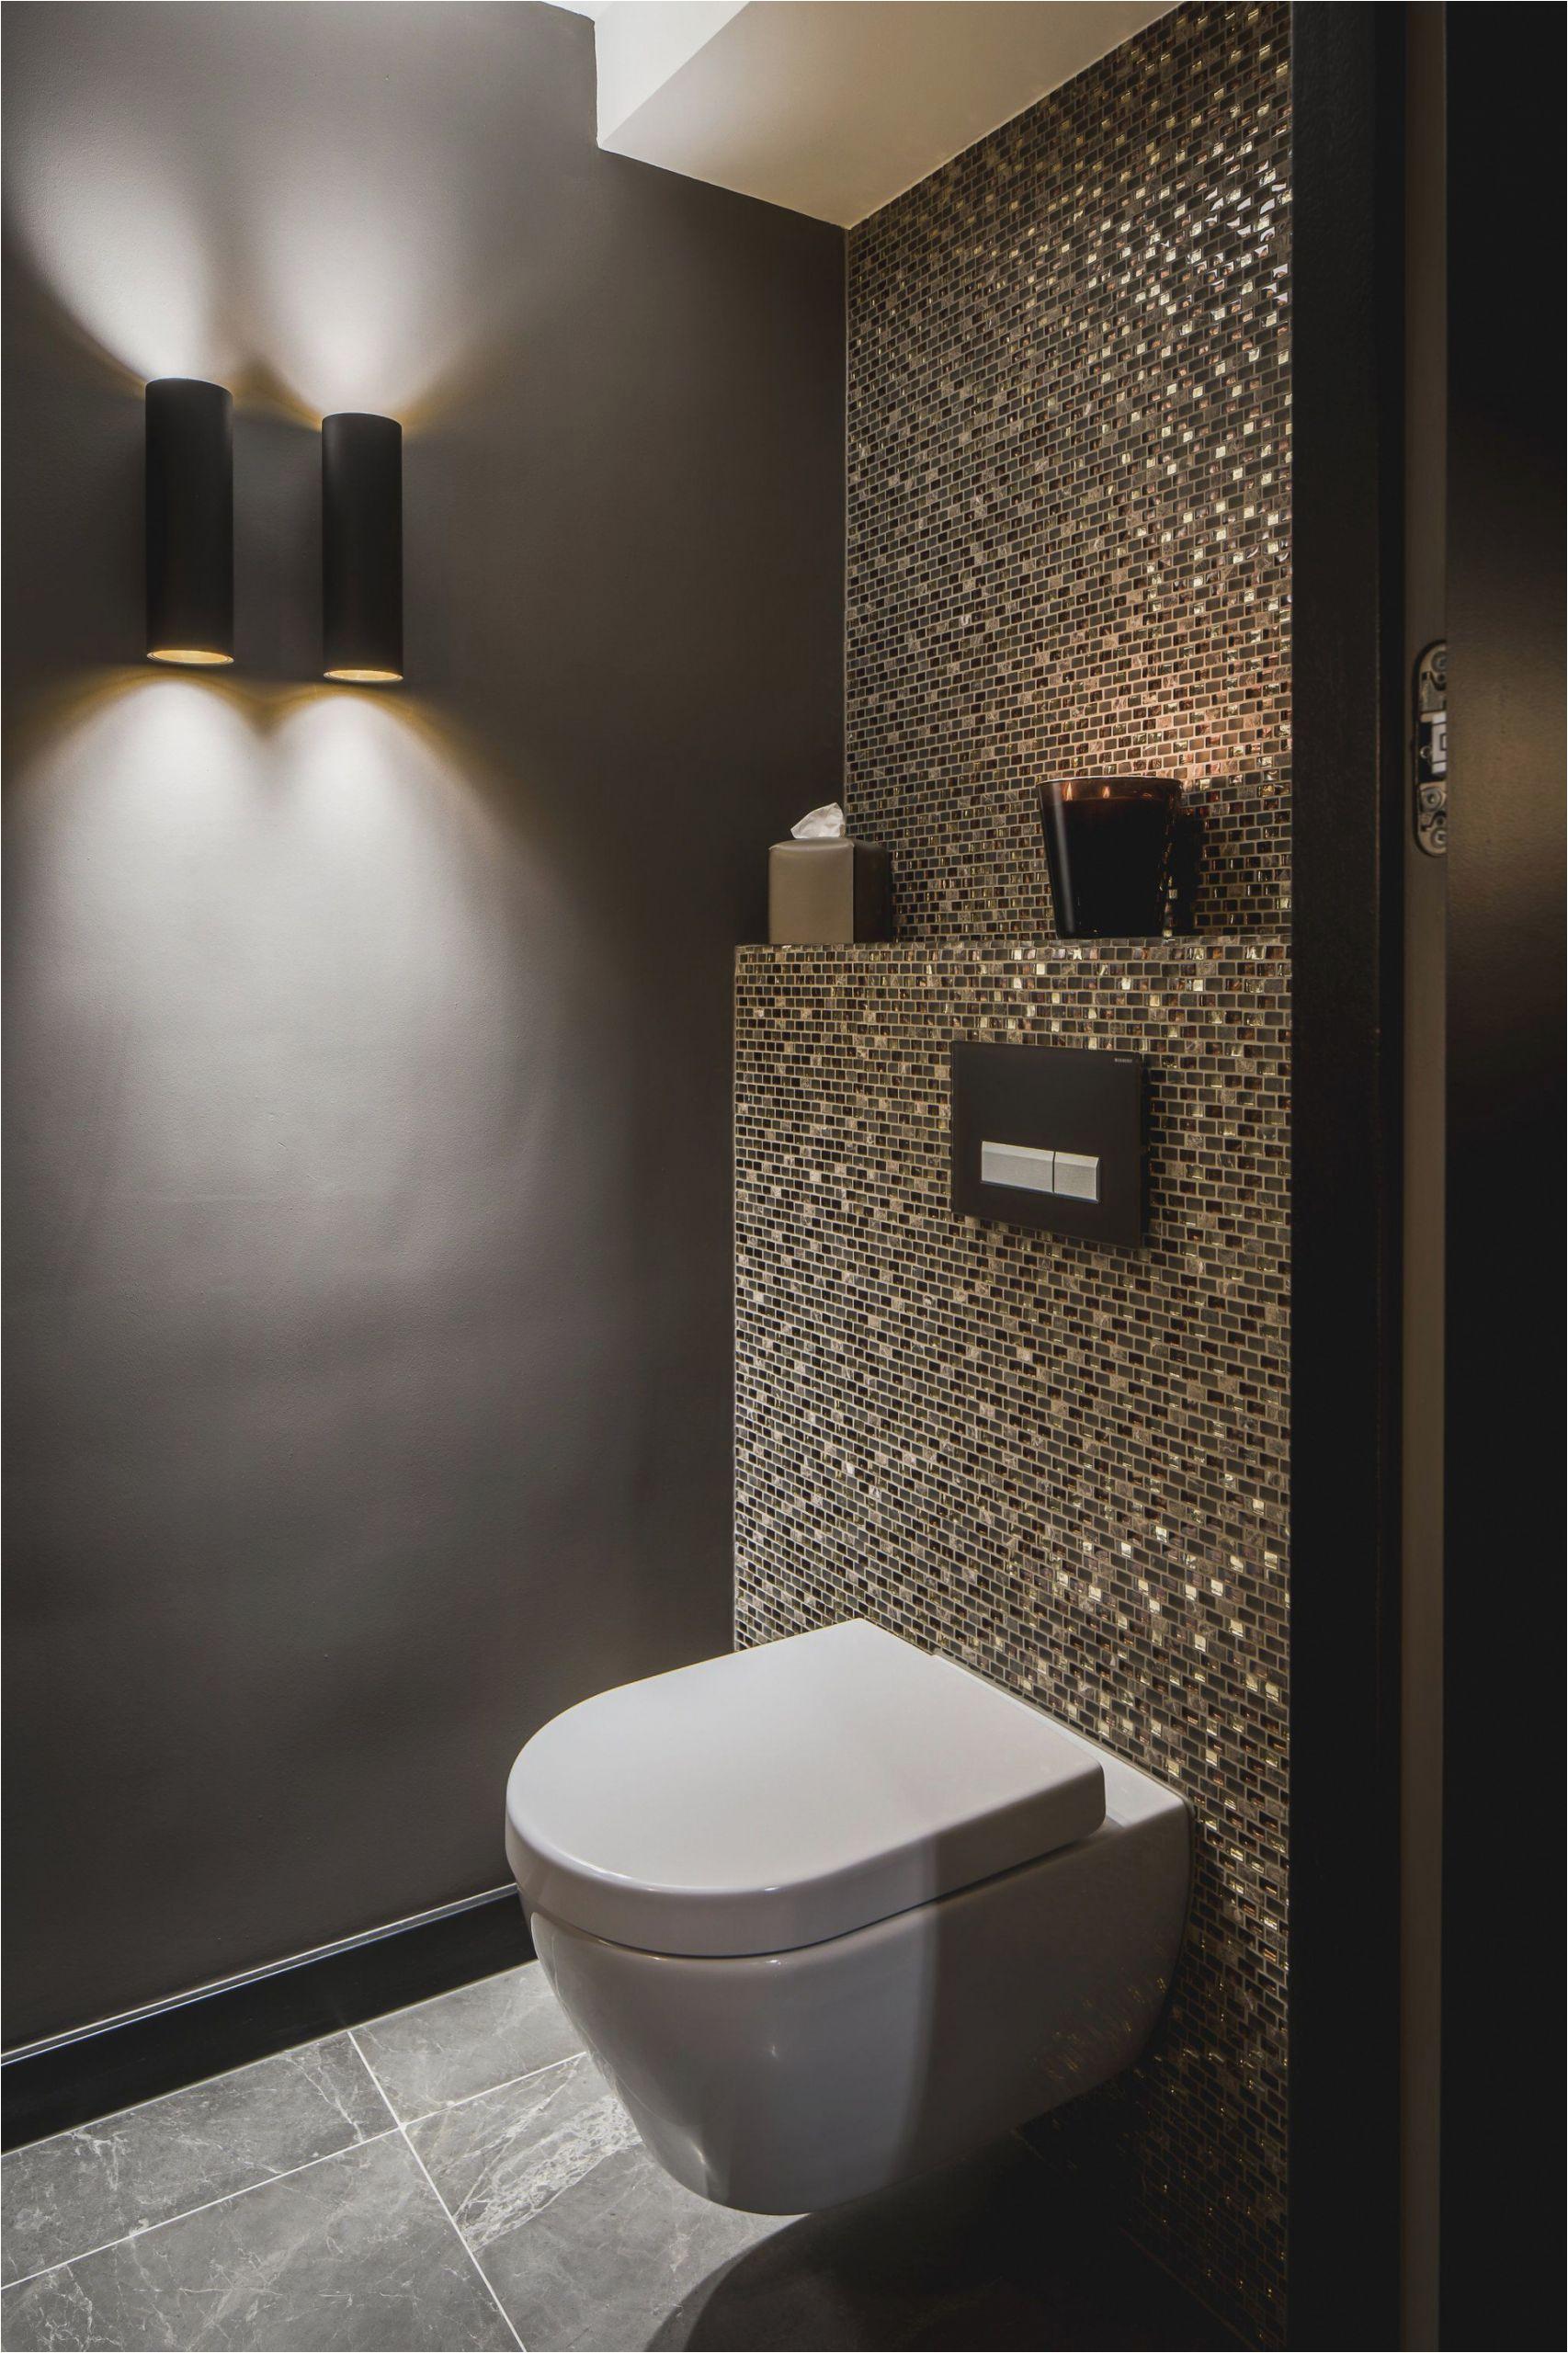 Badezimmerspiegel Für Doppelwaschbecken Spiegel Für Badezimmer Aukin